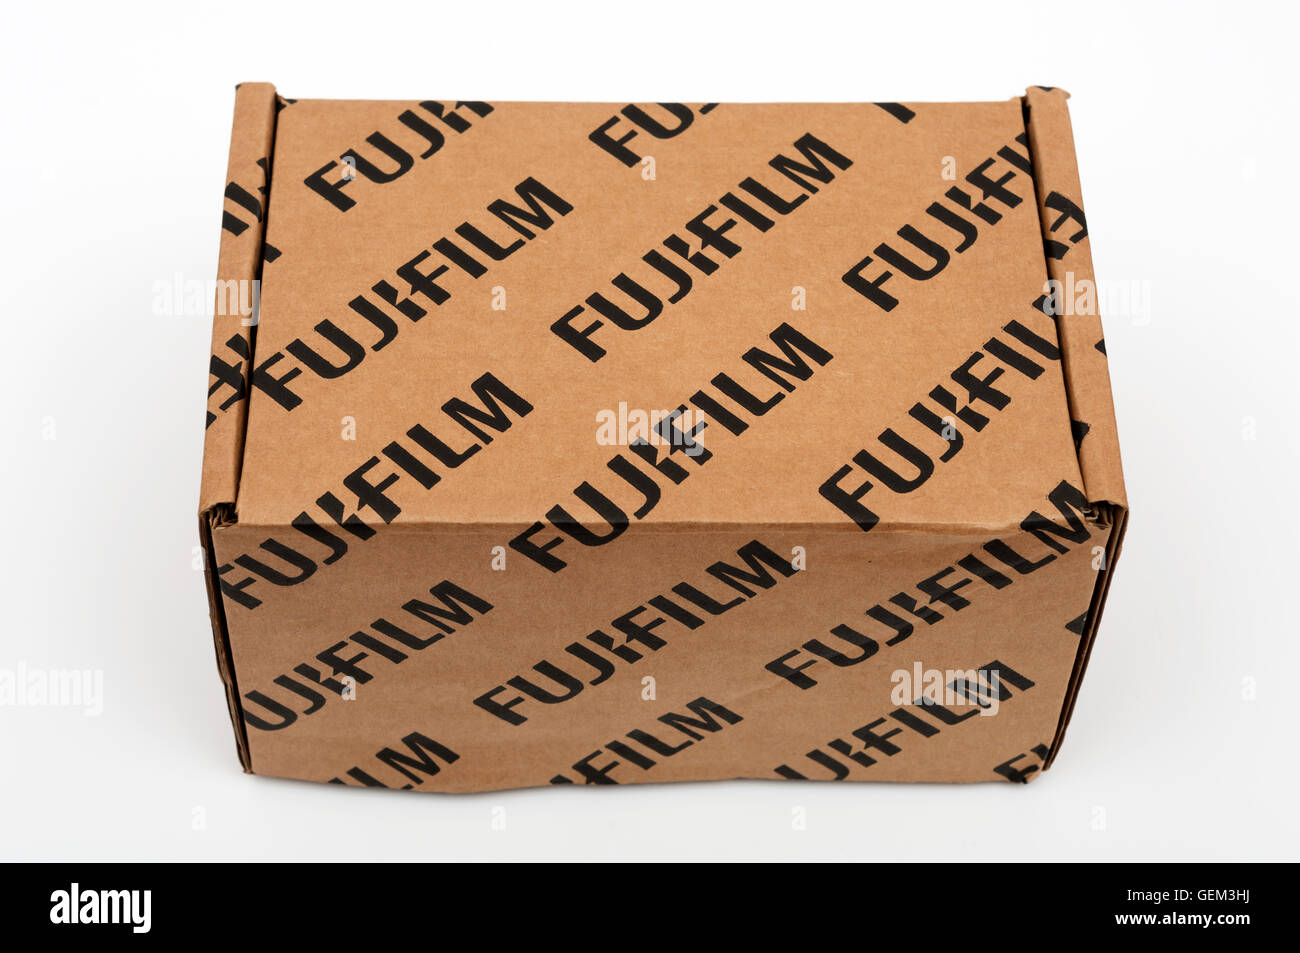 Fujifilm box - Stock Image